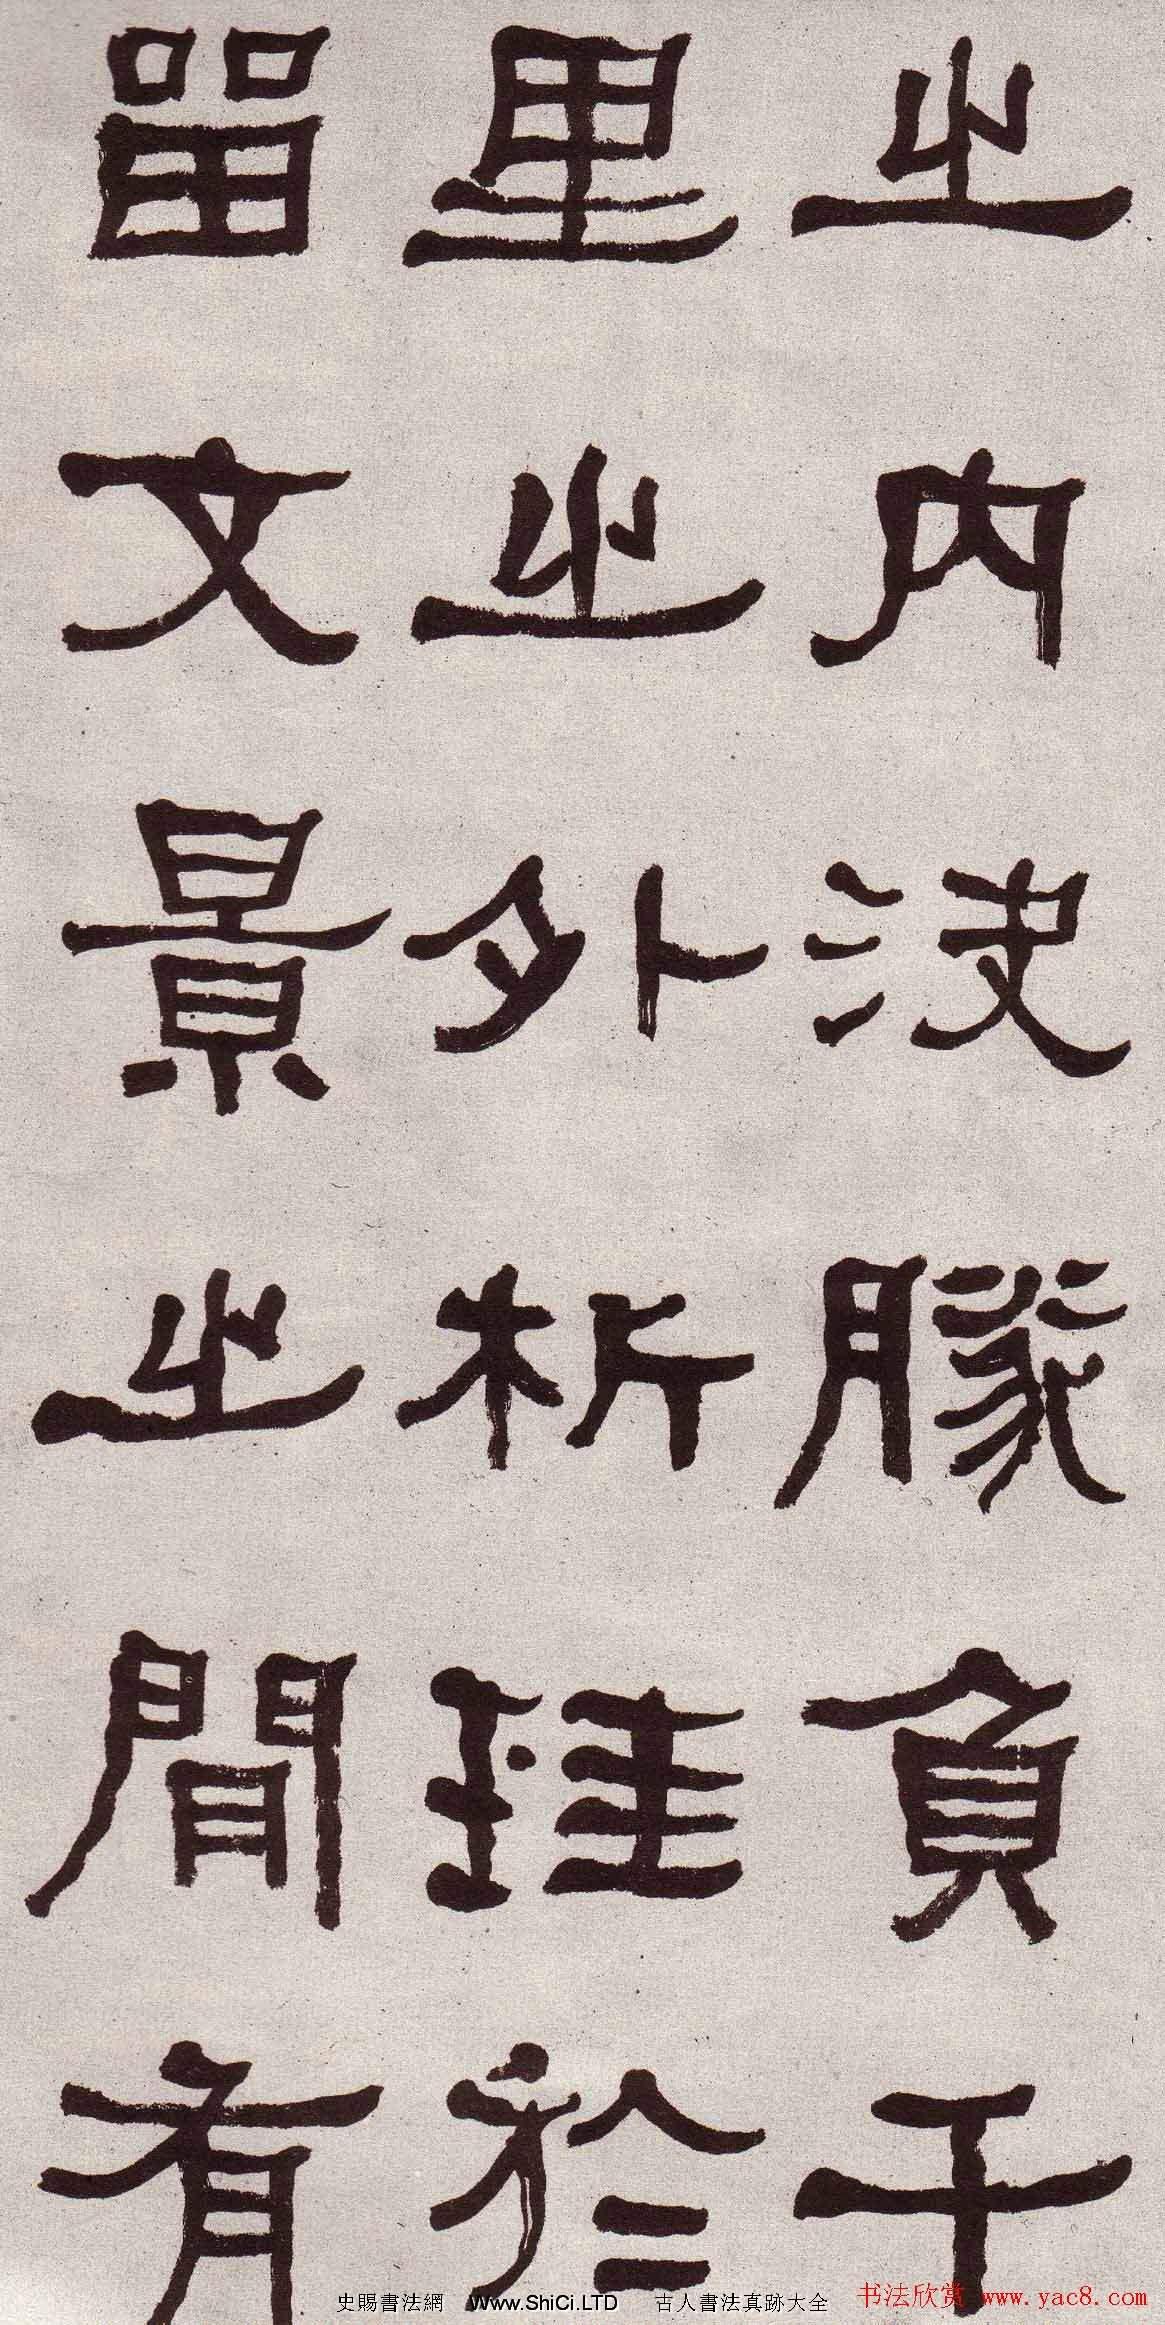 東洲居士何紹基隸書欣賞臨張遷碑